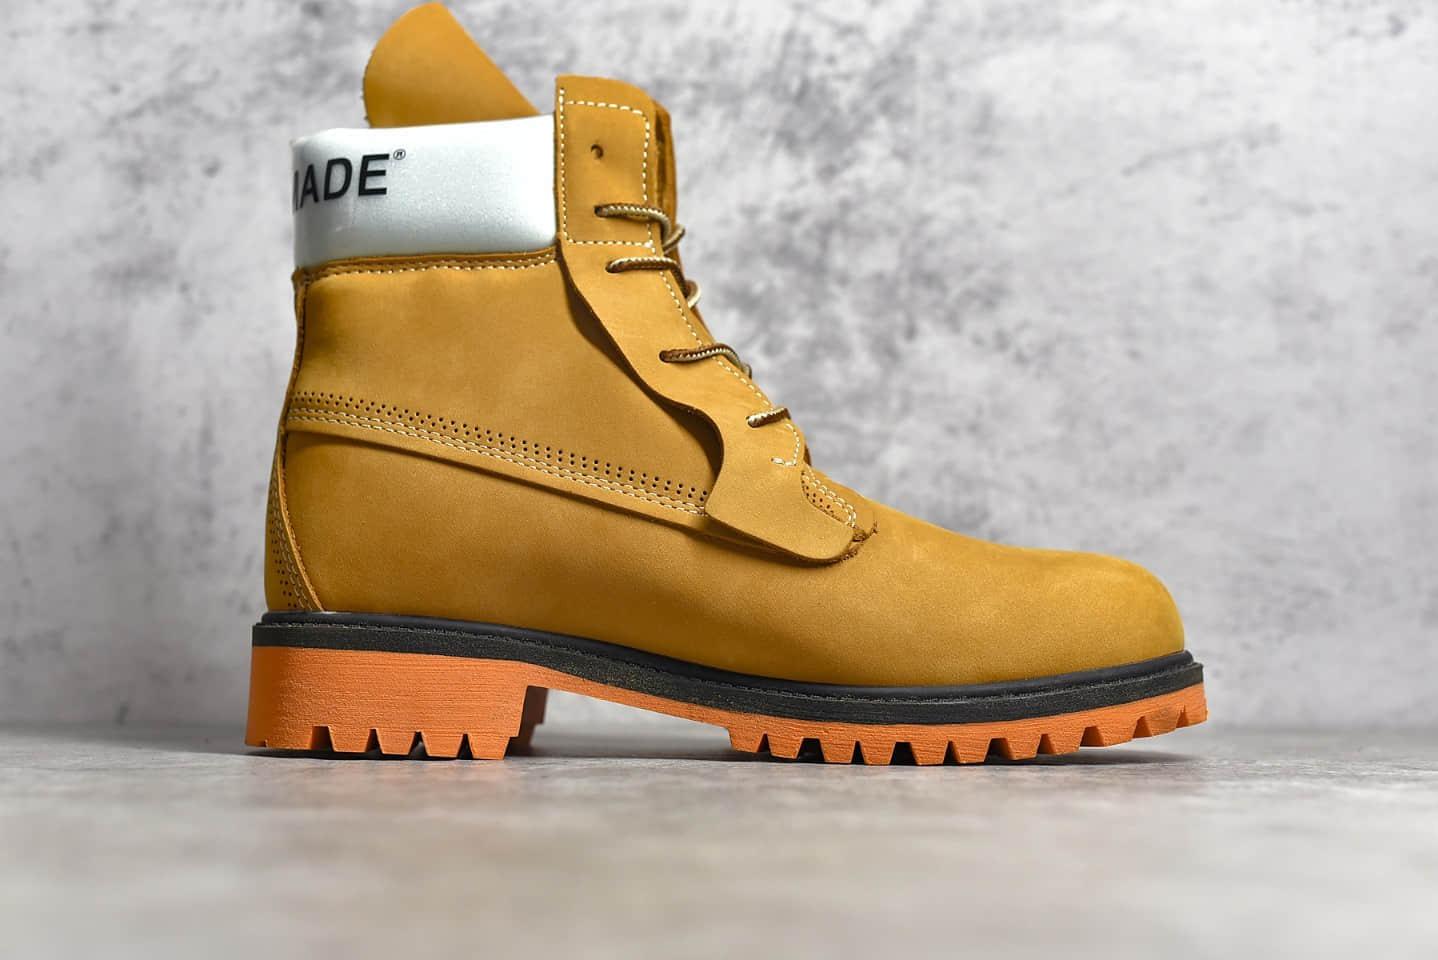 天伯伦联名款大黄靴 Timberland x Readymade A246KM 合作联名款 联乘限定再造-潮流者之家